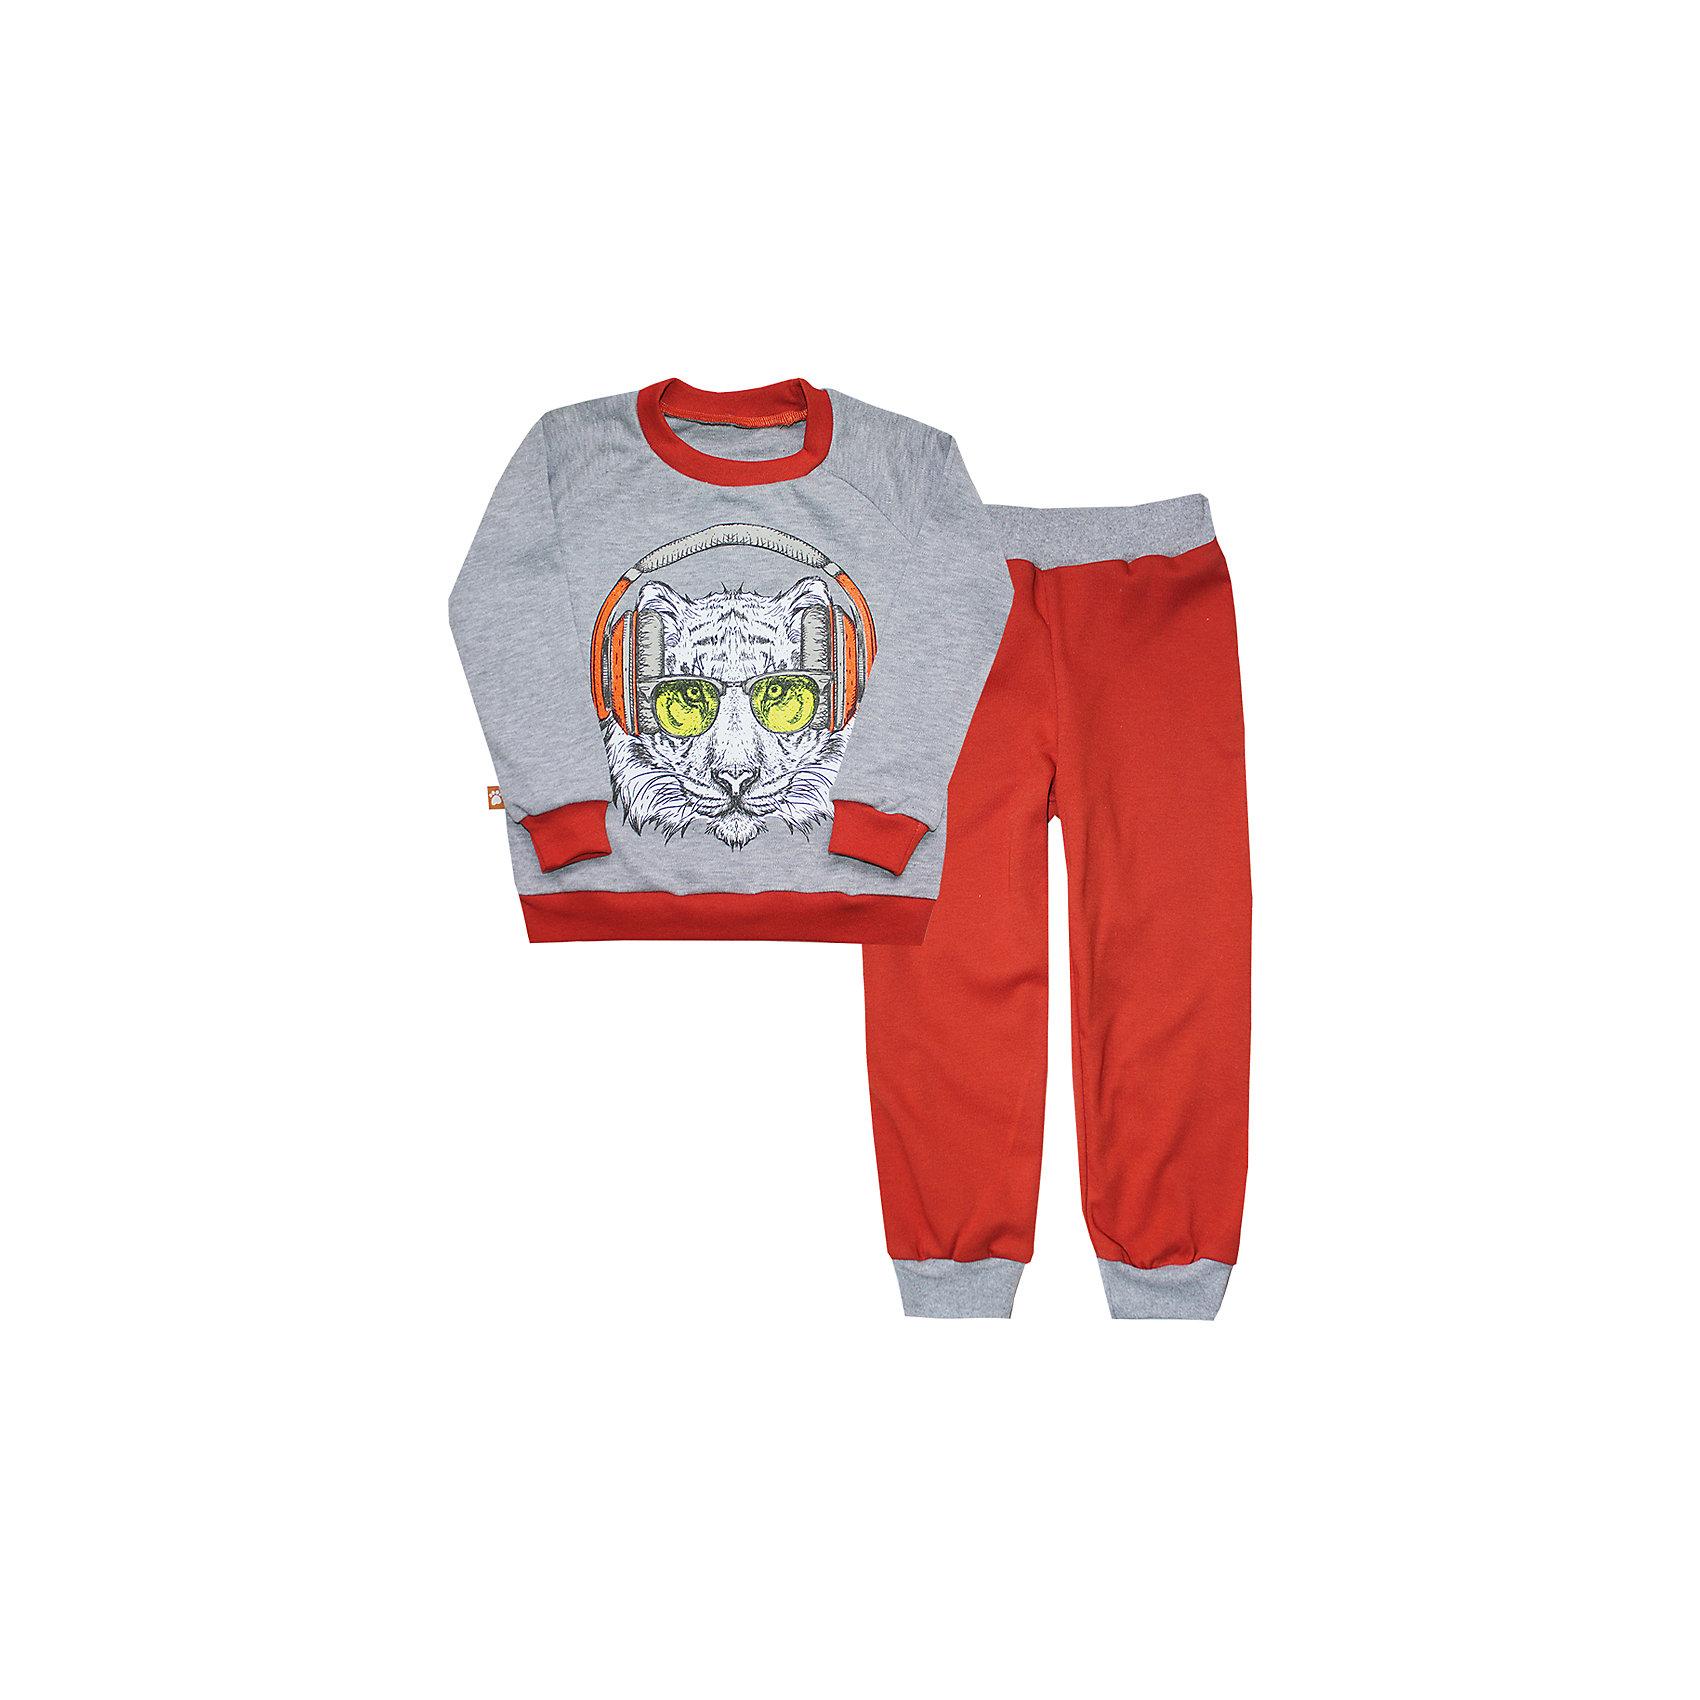 Пижама  для мальчика КотМарКотПижамы и сорочки<br>Пижама  для мальчика  известной марки КотМарКот.<br><br>Состав: 100% хлопок<br><br>Данную пижаму вы можете купить в нашем магазине.<br><br>Ширина мм: 281<br>Глубина мм: 70<br>Высота мм: 188<br>Вес г: 295<br>Цвет: бордовый<br>Возраст от месяцев: 72<br>Возраст до месяцев: 84<br>Пол: Мужской<br>Возраст: Детский<br>Размер: 122,92,98,104,110,116<br>SKU: 4906539